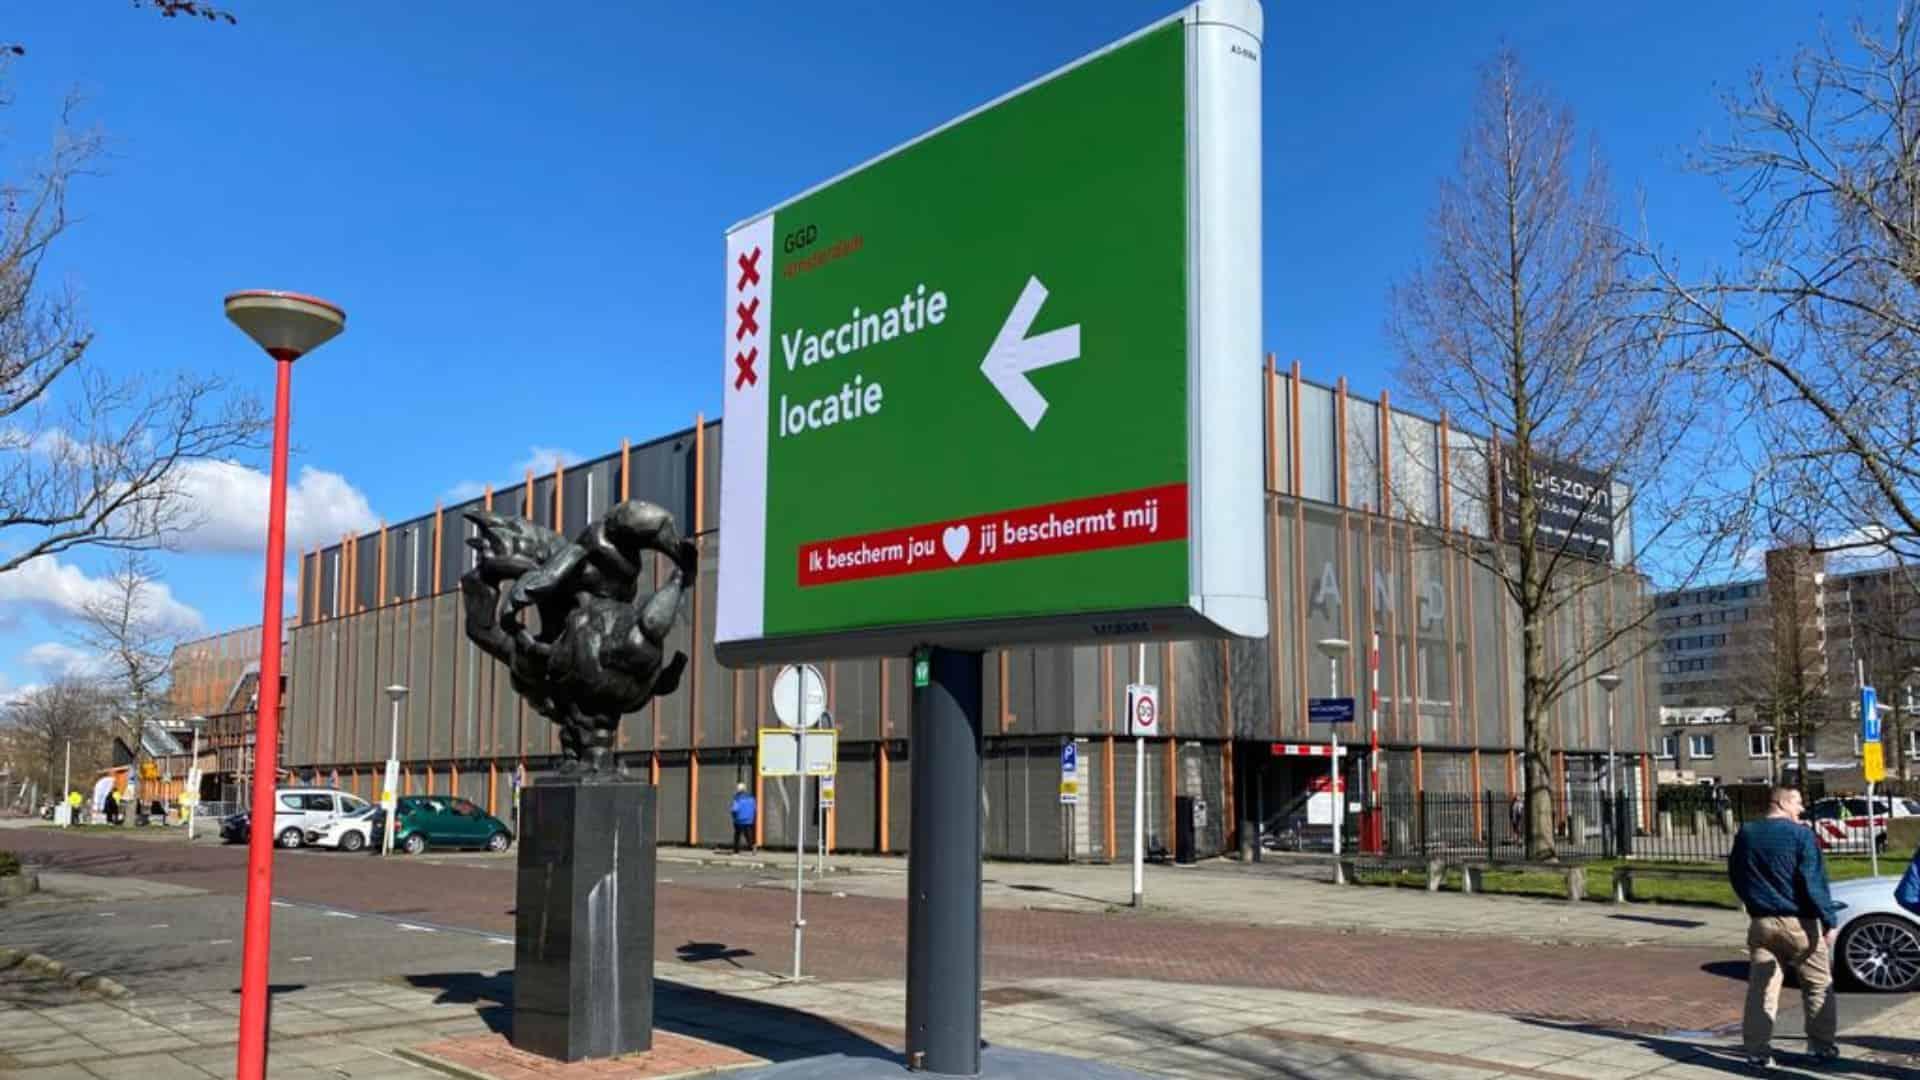 expospaces vaccinatiestraat ggd amsterdam